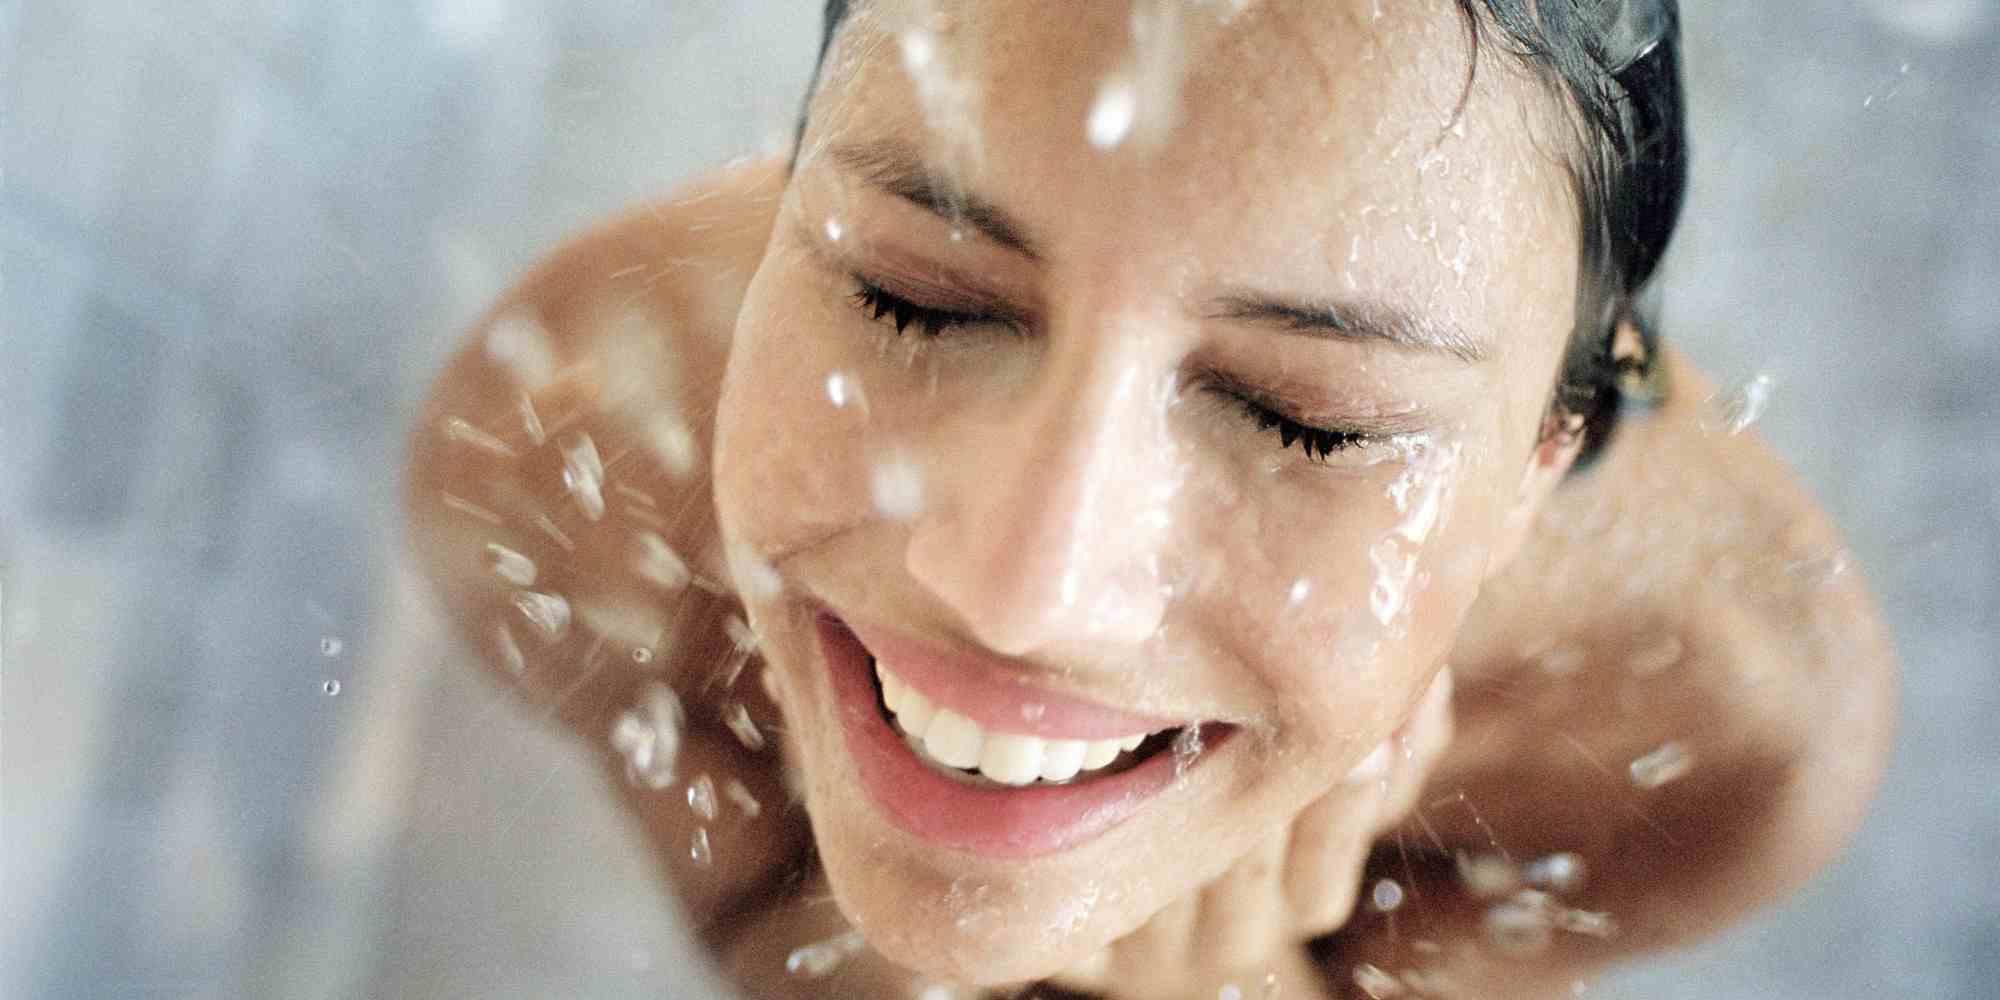 duchas-de-agua-fria-beneficios-para-la-salud-mejora-el-estado-de-animo